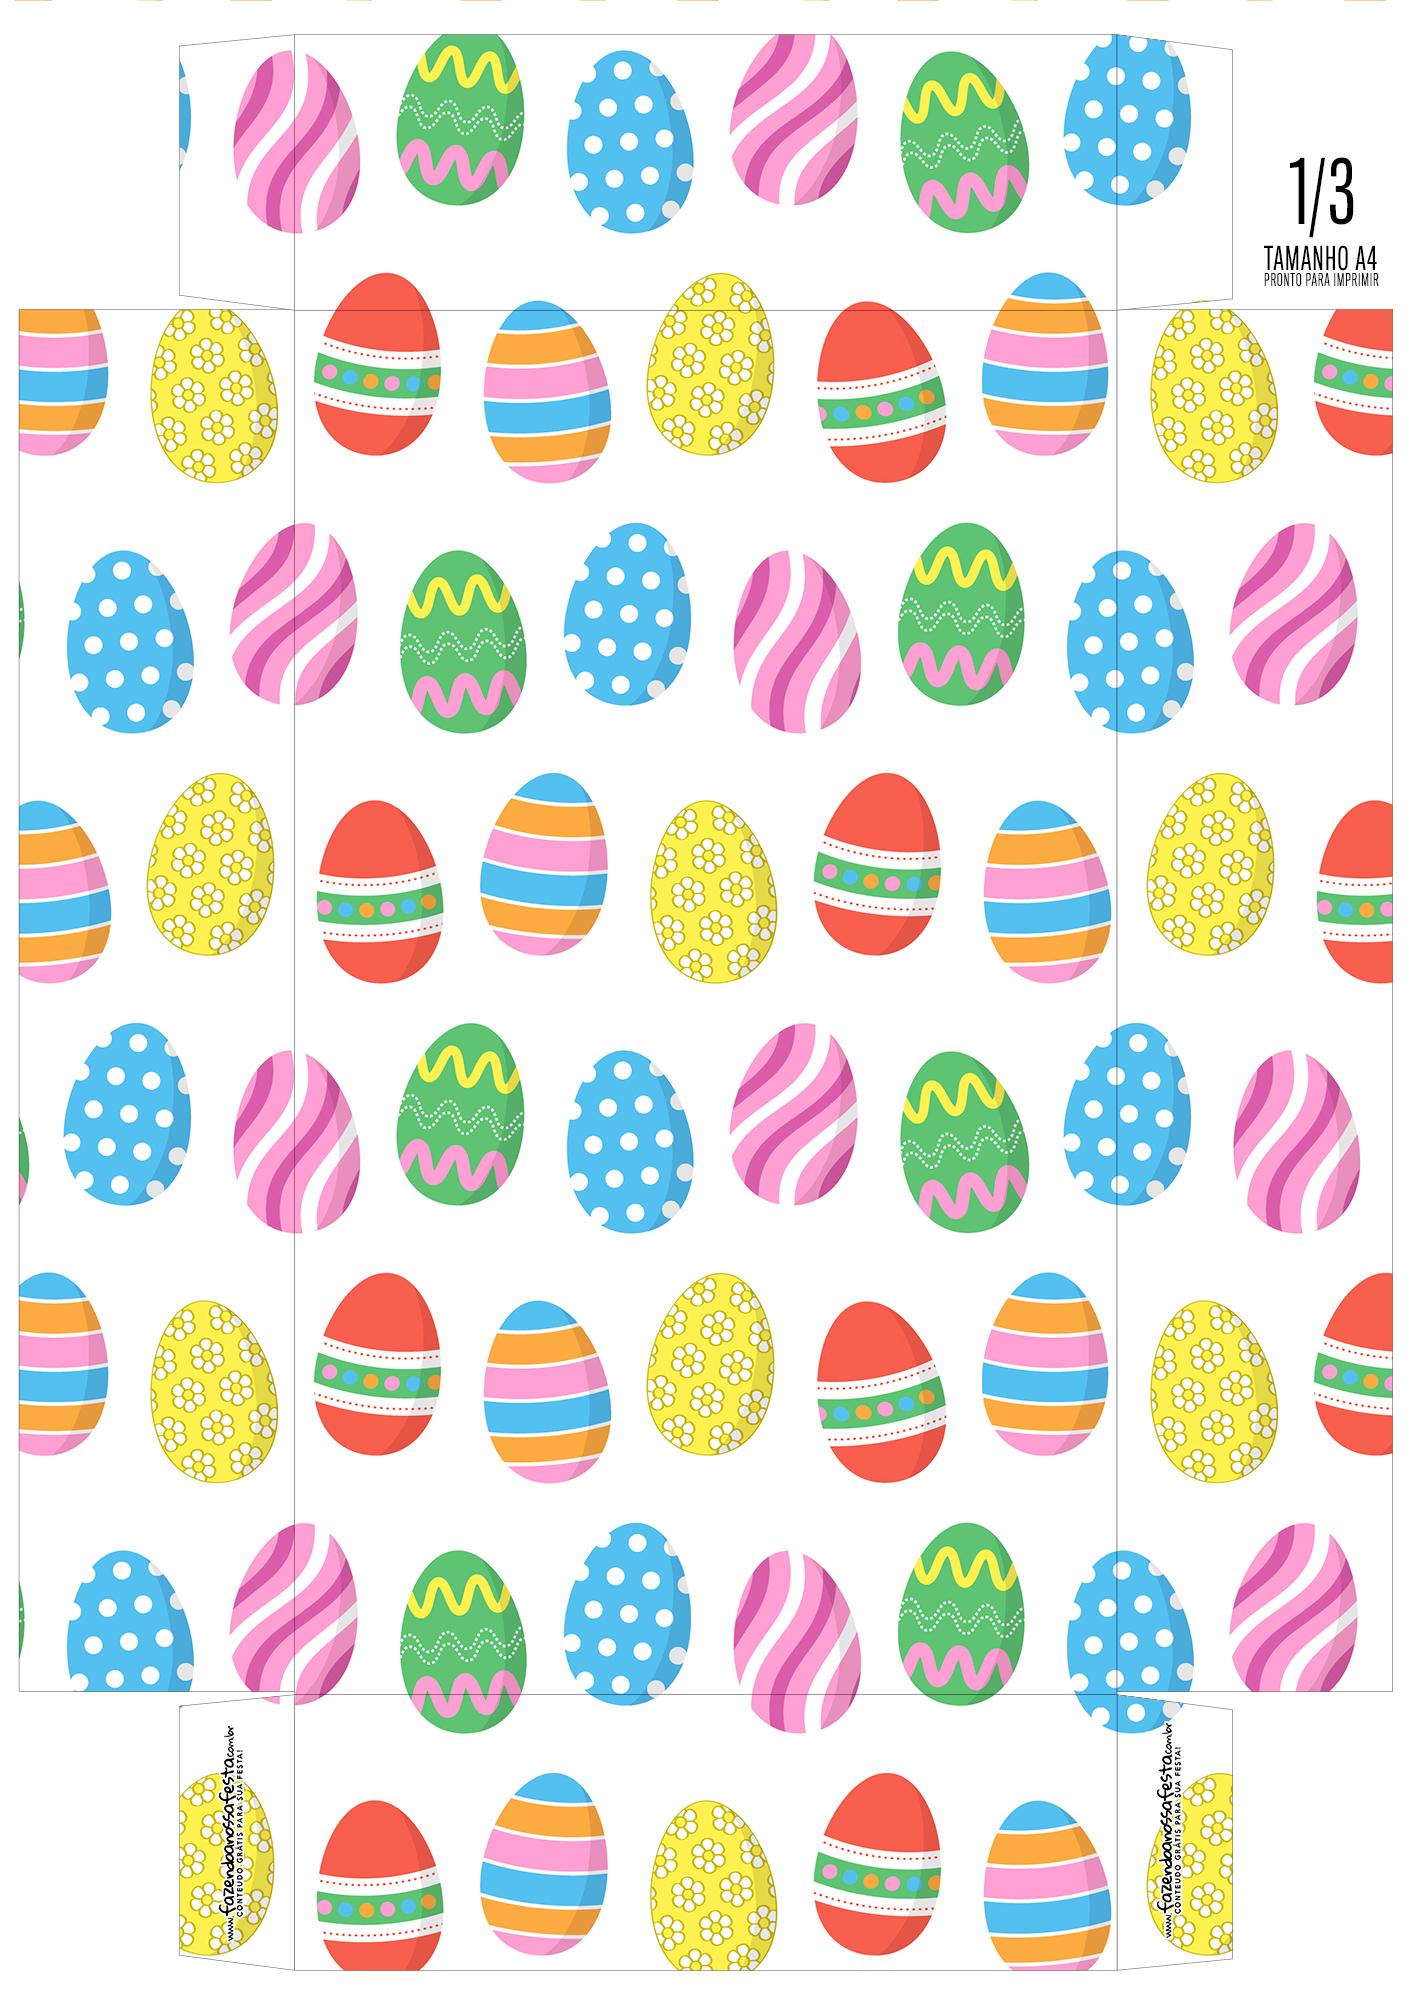 Caixa Ovo de Pascoa 6-2